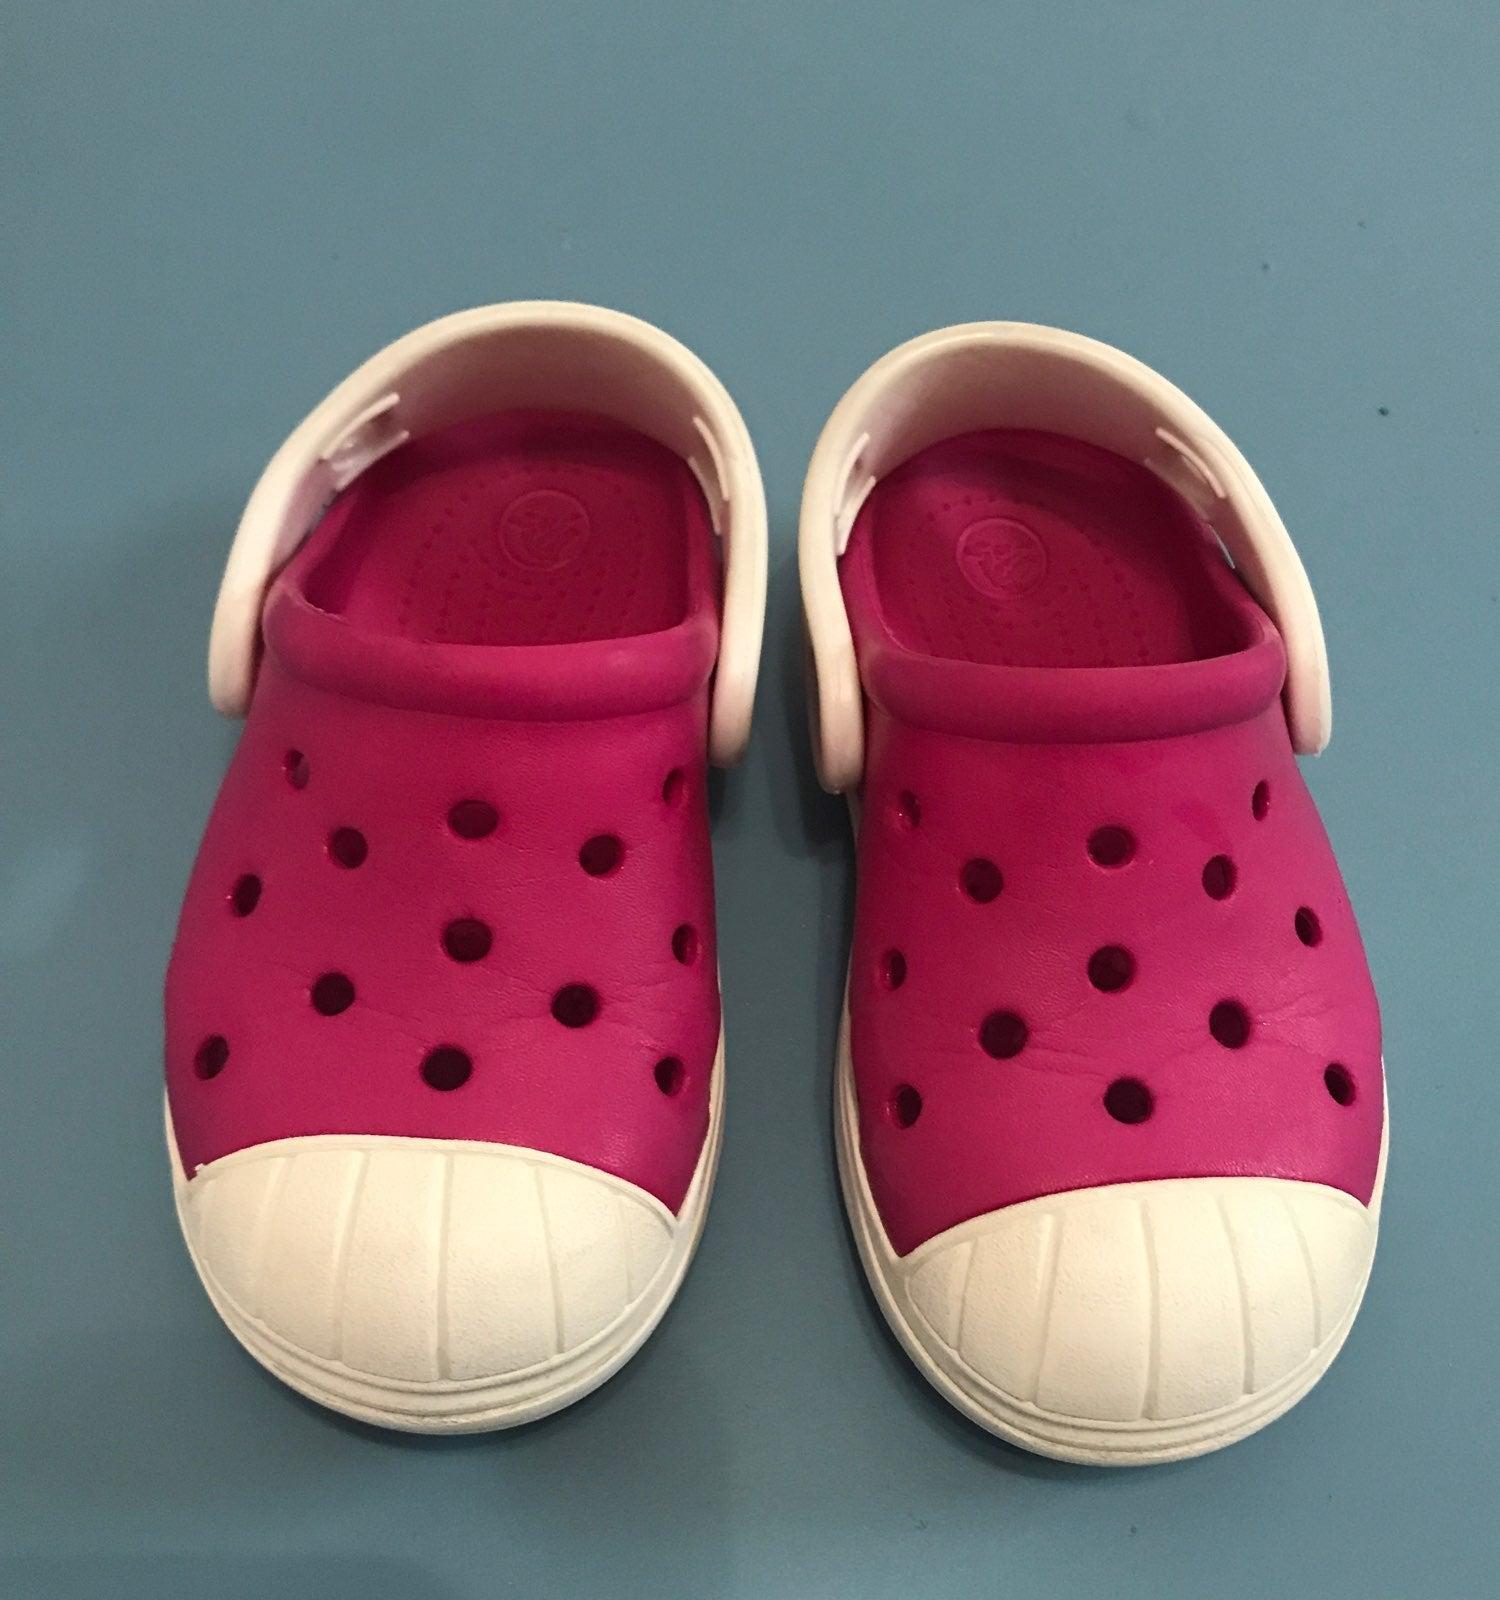 GUC Crocs size 7C